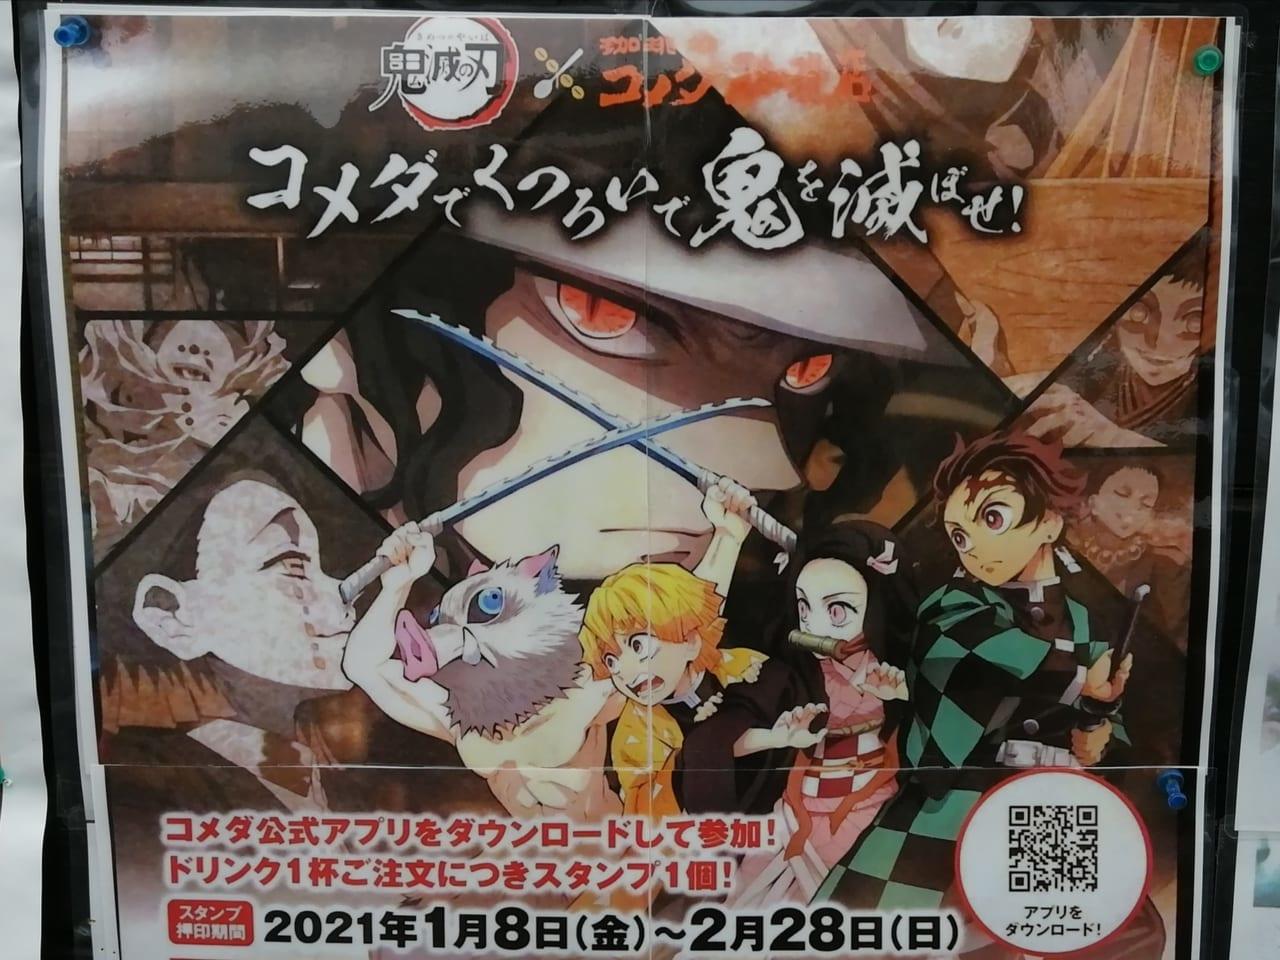 鬼滅デザインの豆菓子はもうゲットした!?「コメダ珈琲×鬼滅の刃」のオリジナルグッズが当たるキャンペーンは2月28日まで!